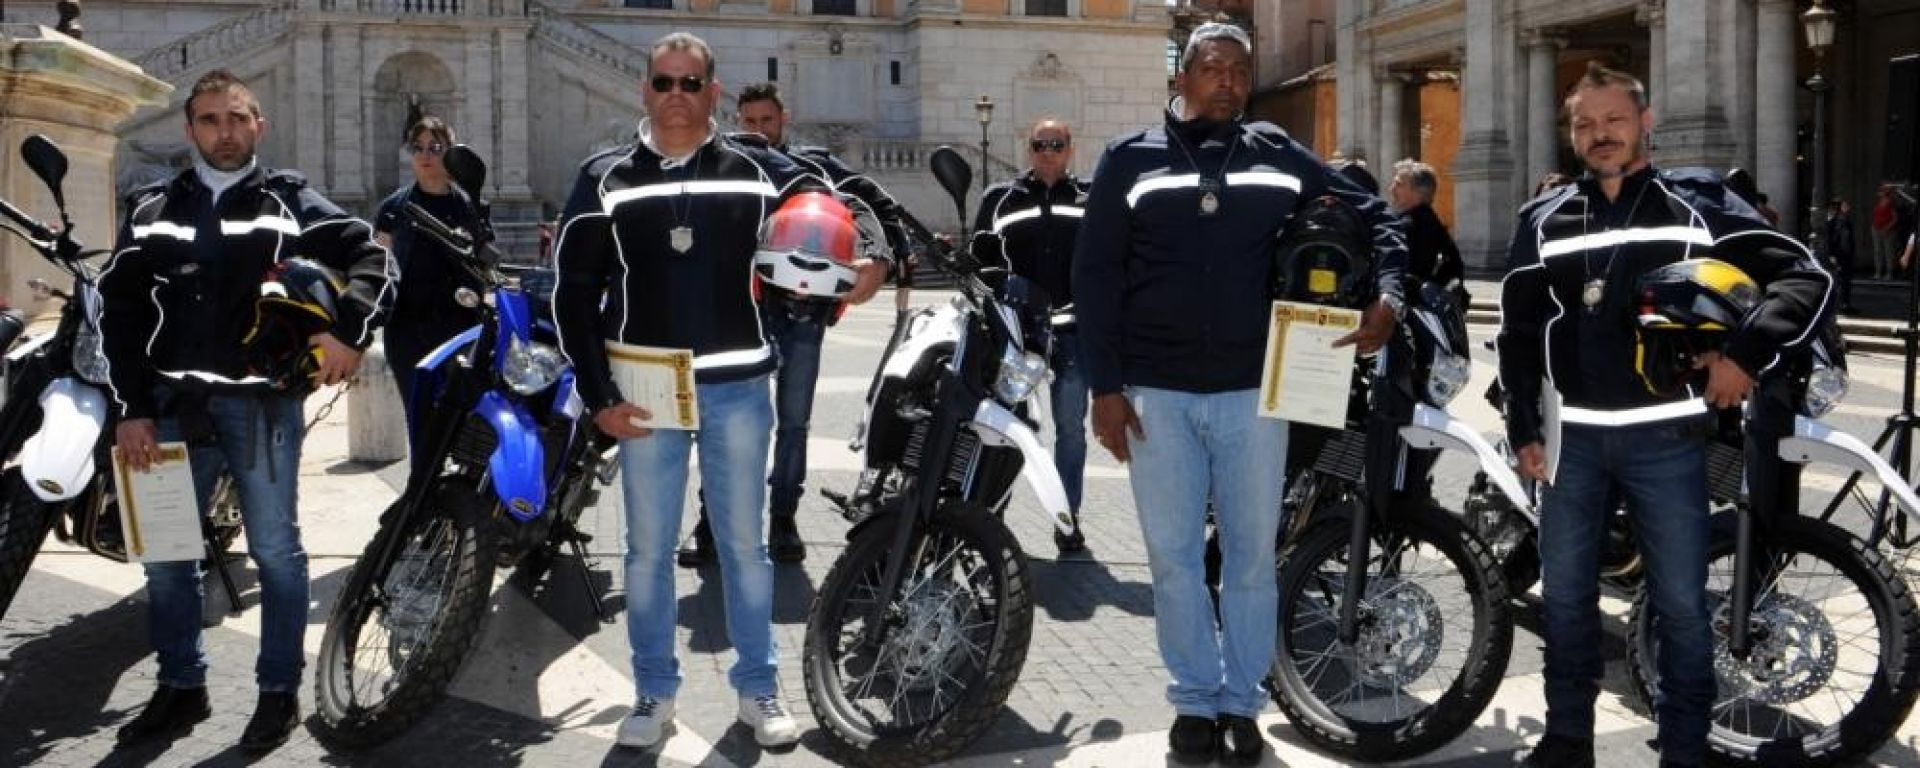 Yamaha Motor e la Polizia di Roma Capitale